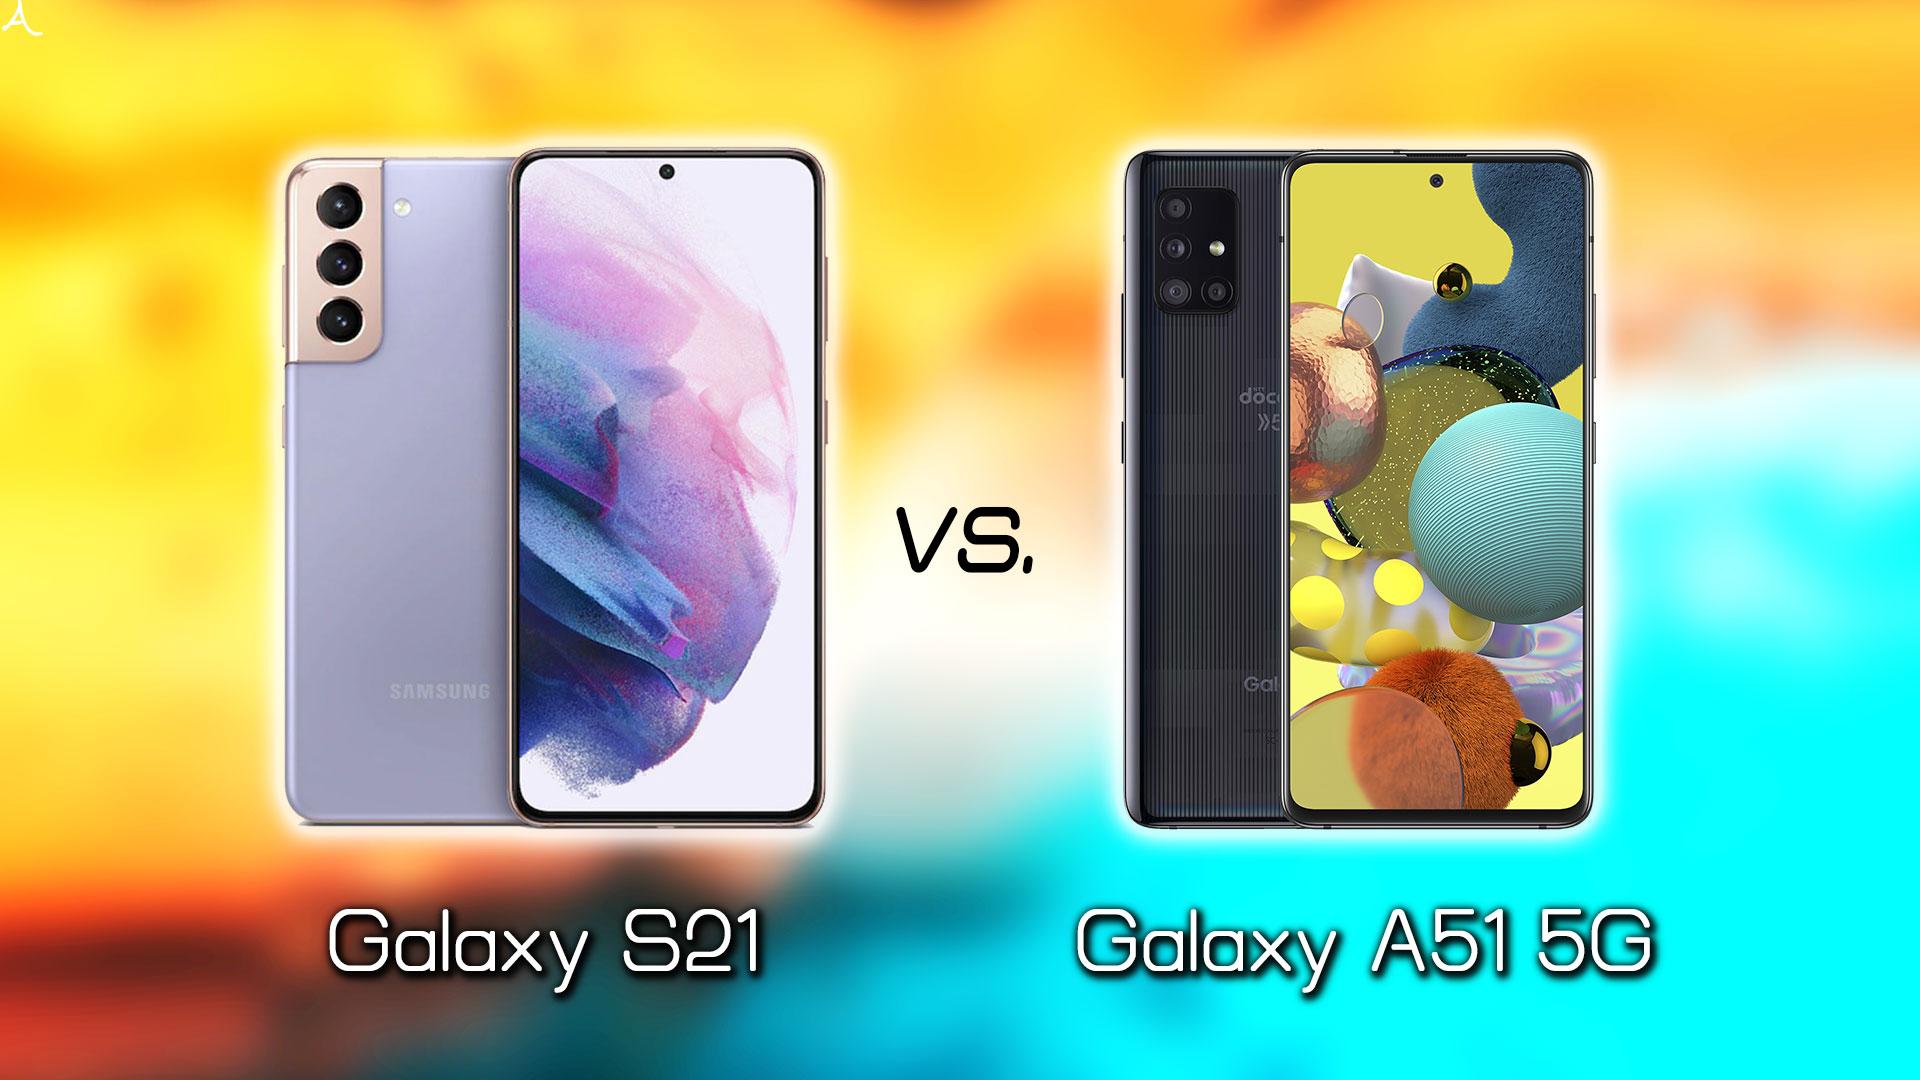 「Galaxy S21」と「Galaxy A51 5G」の違いを比較:どっちを買う?